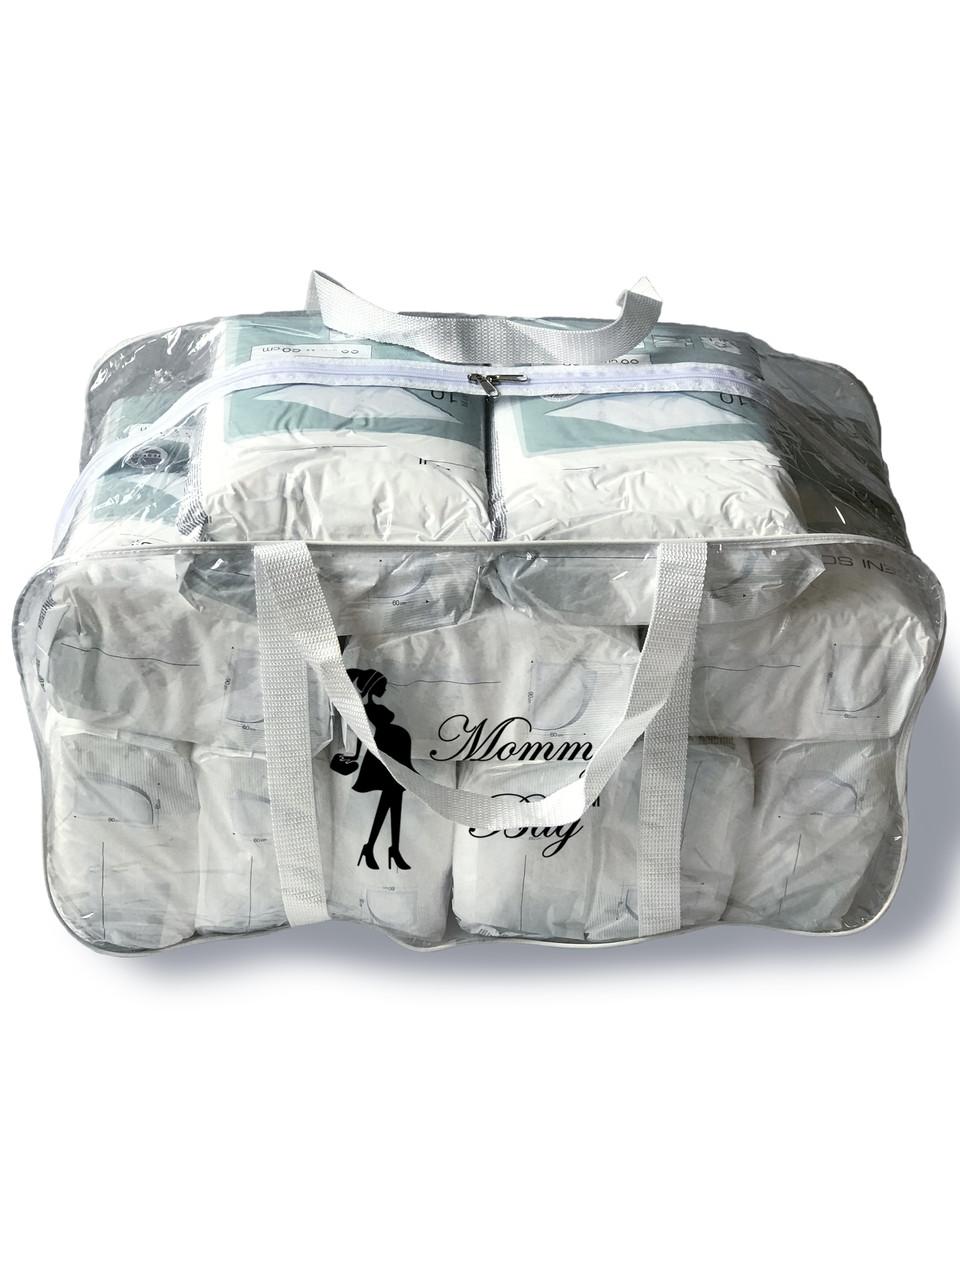 Сумка прозрачная в роддом Mommy Bag - XL - 65*35*30 см Белая